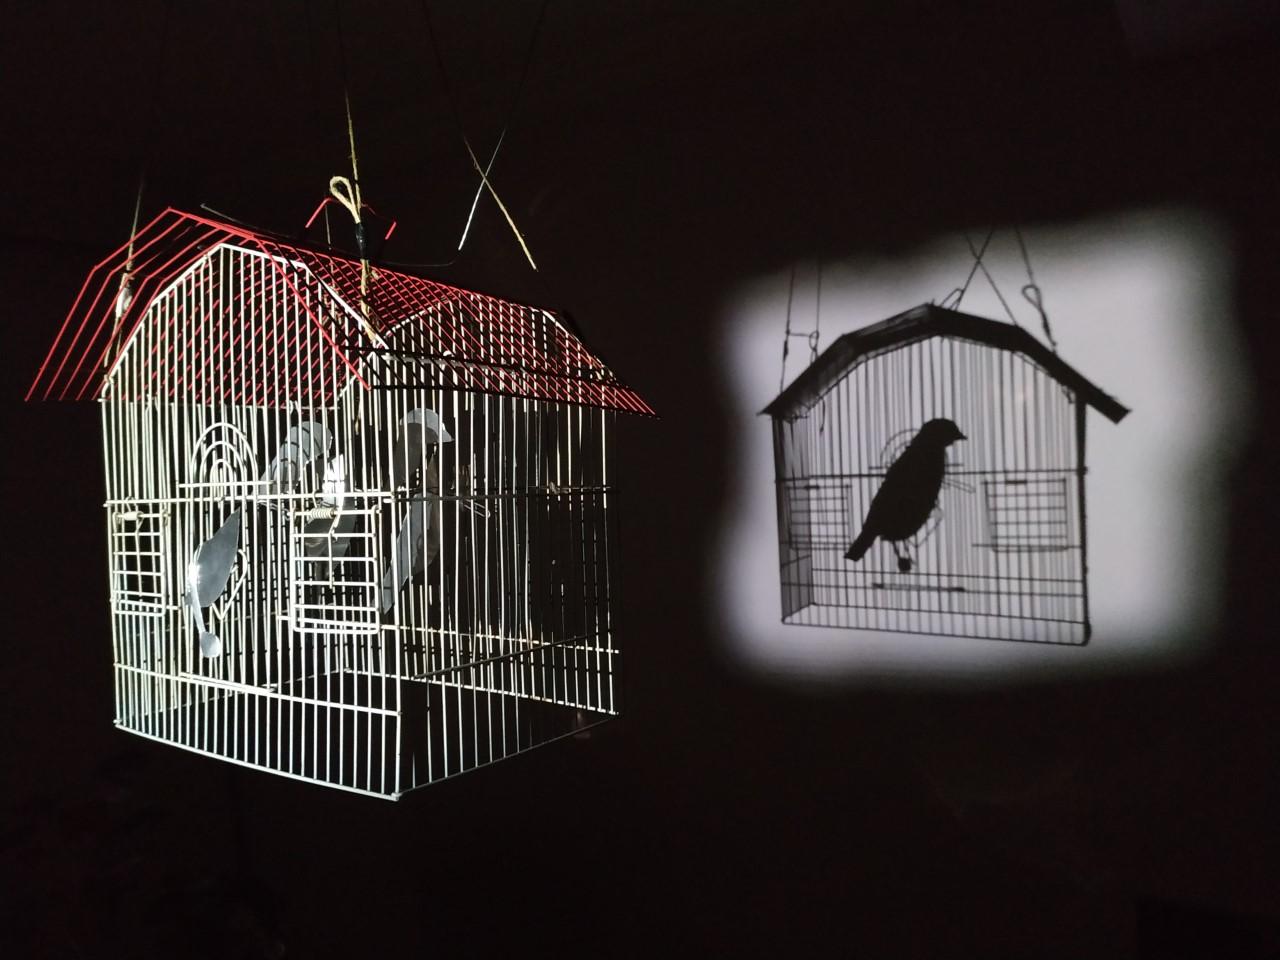 Ξάνθη: Η τέχνη της σκιάς – Εκπληκτικά έργα εμπνευσμένα από την καραντίνα του 2021 (pics)